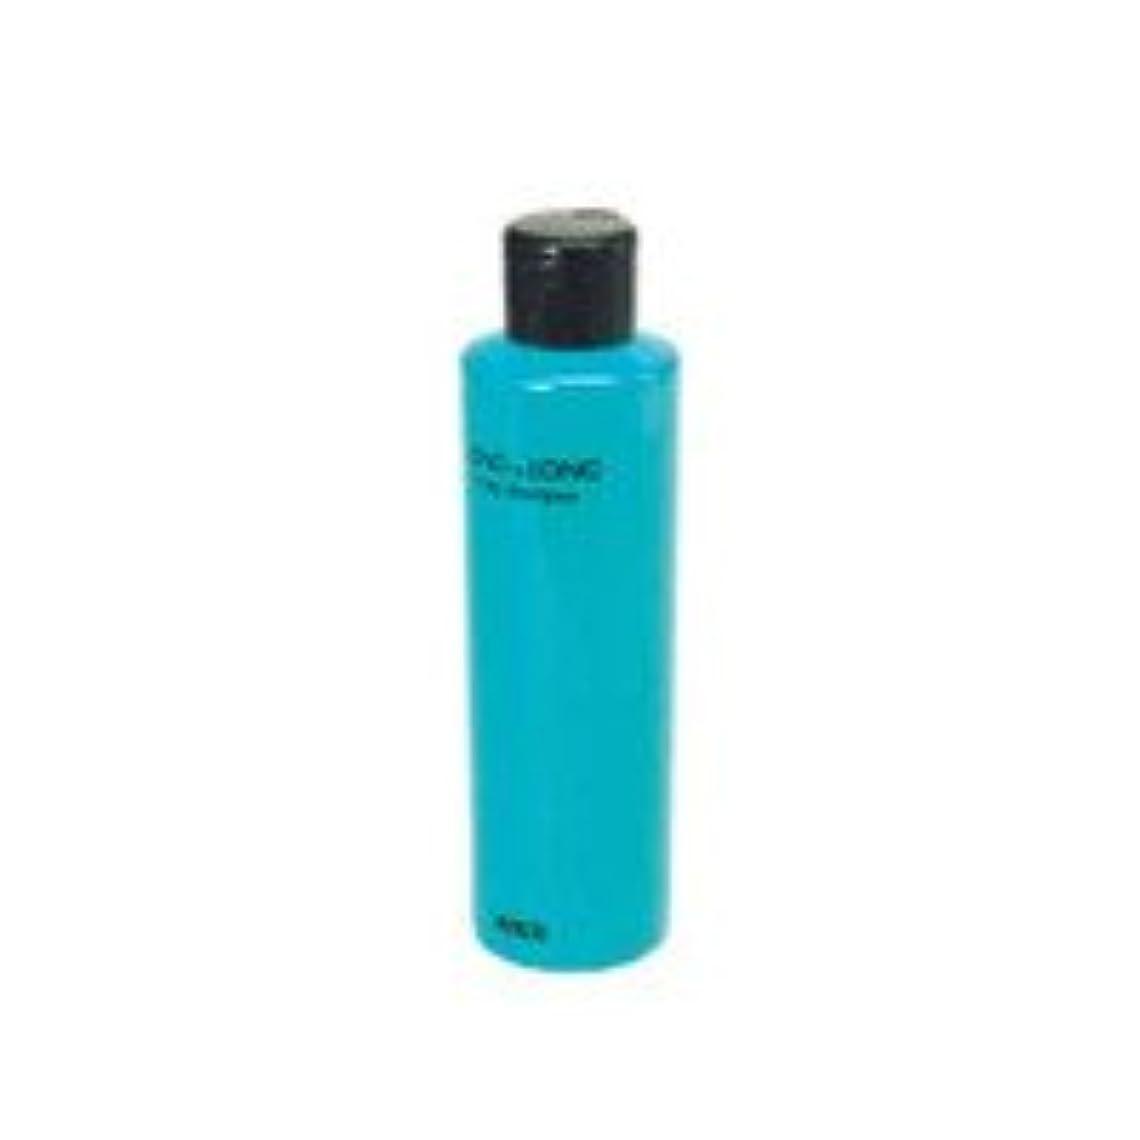 合理化衰える酒【X5個セット】 アモロス ロンファーロン 薬用スキャルプシャンプー (医薬部外品) 300ml